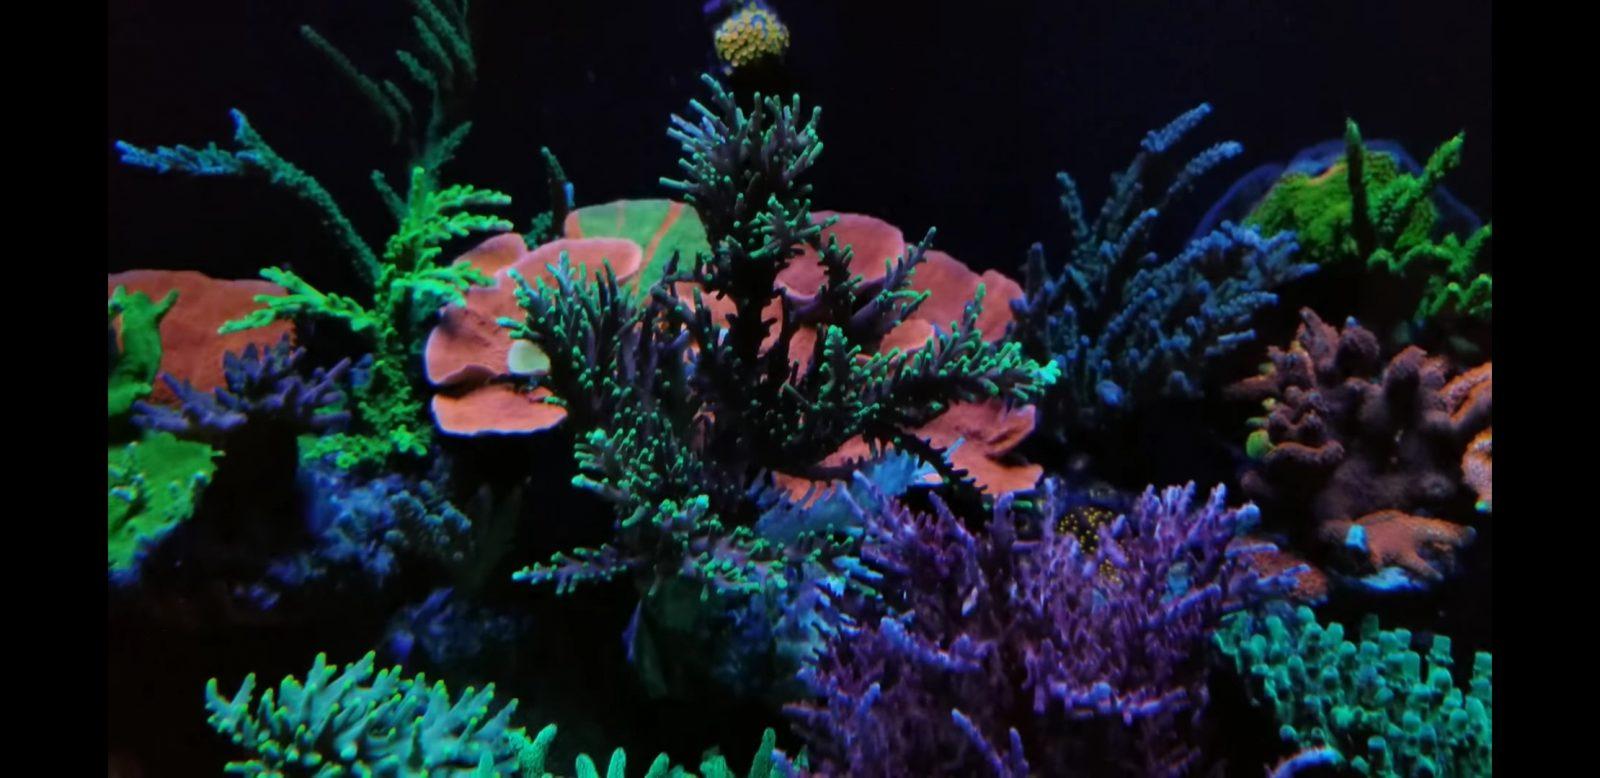 多彩珊瑚的水族馆照明